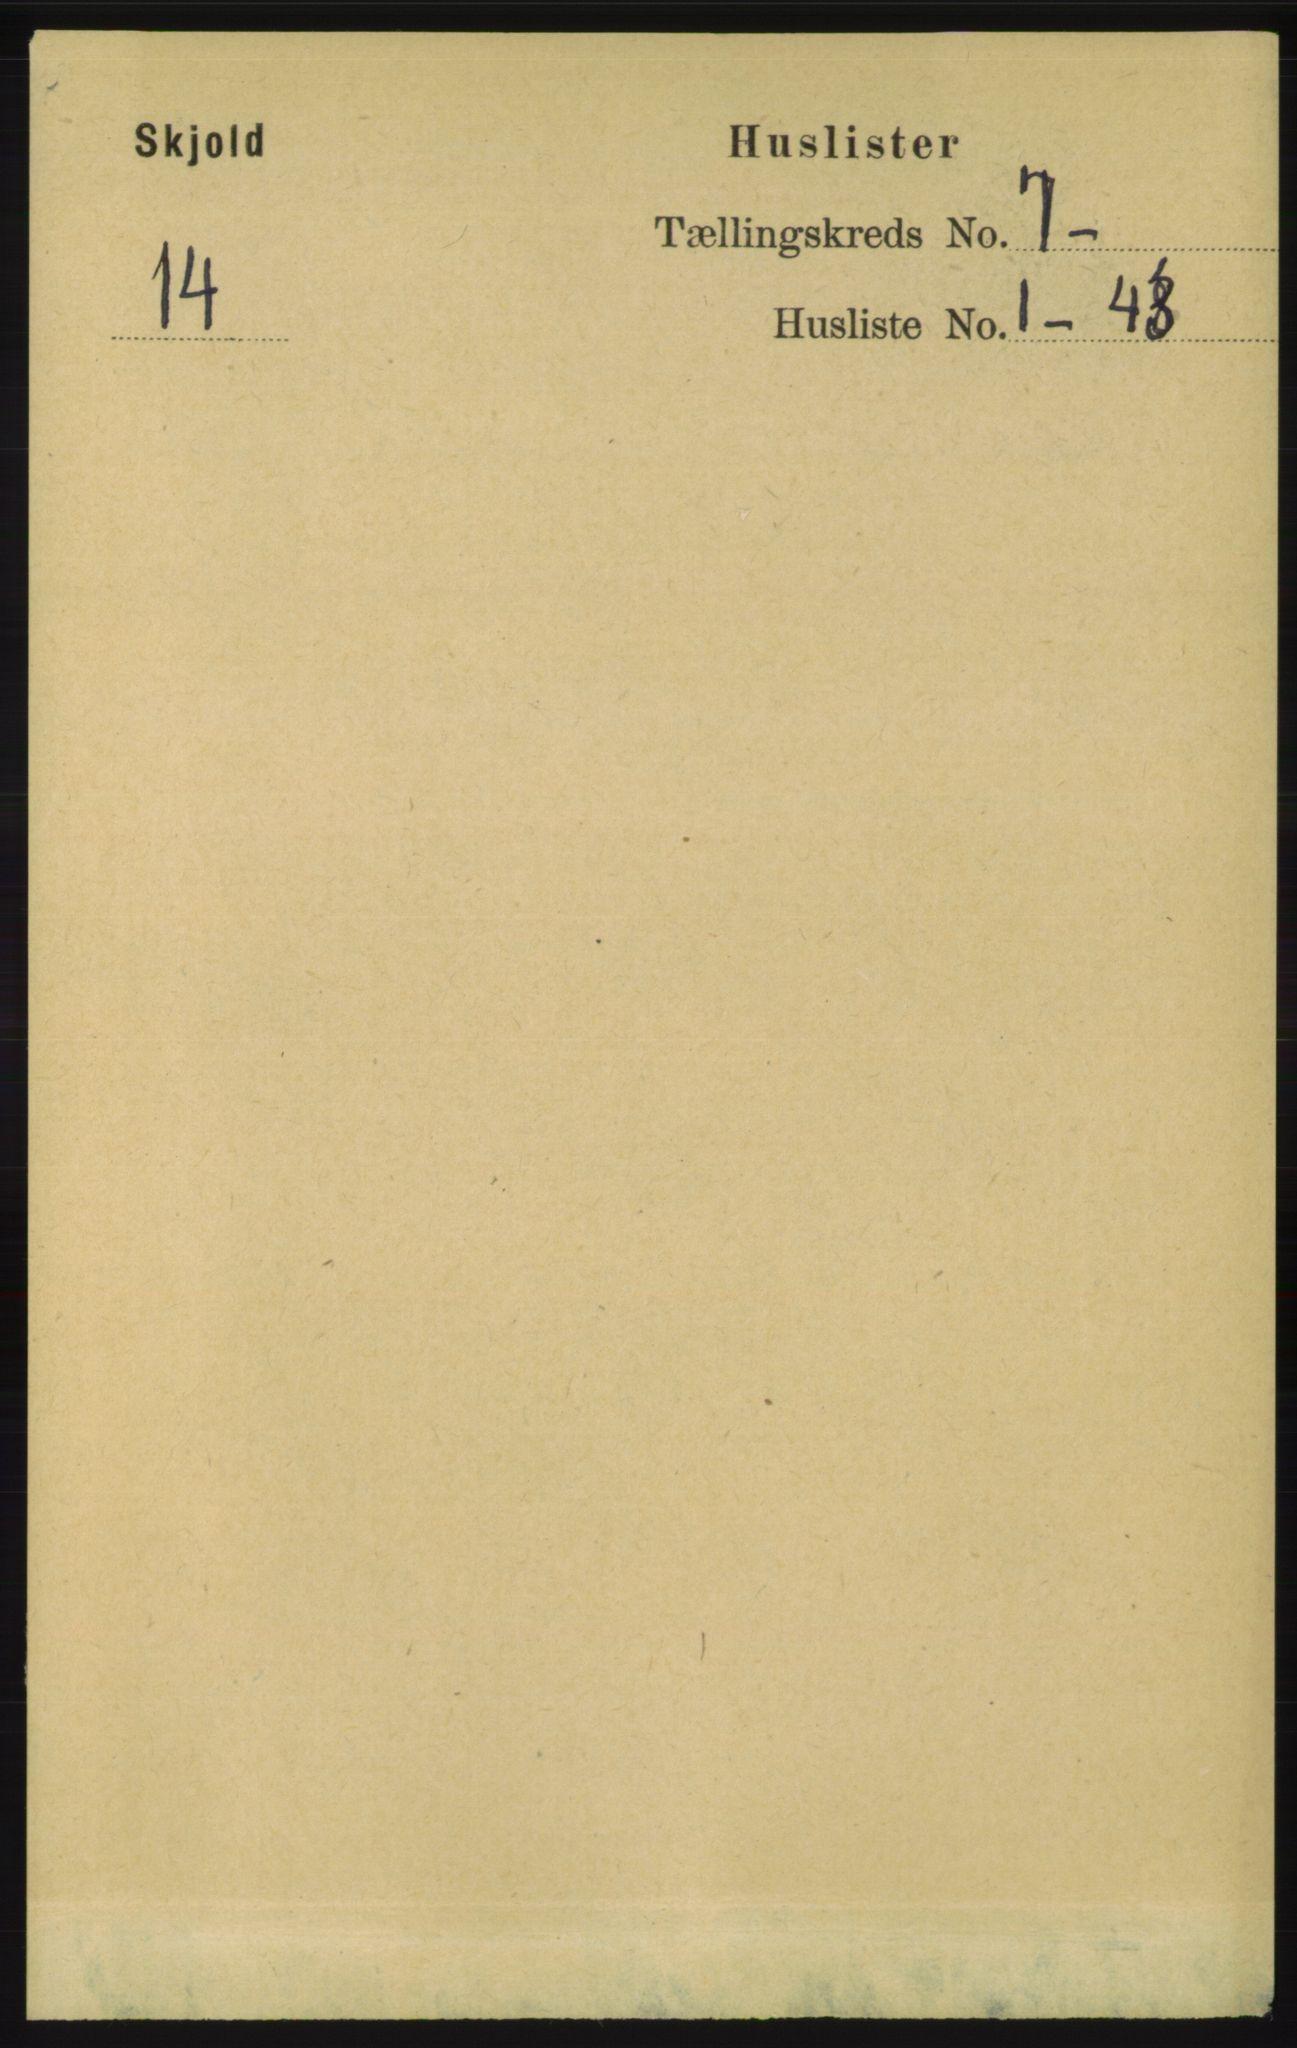 RA, Folketelling 1891 for 1154 Skjold herred, 1891, s. 1303